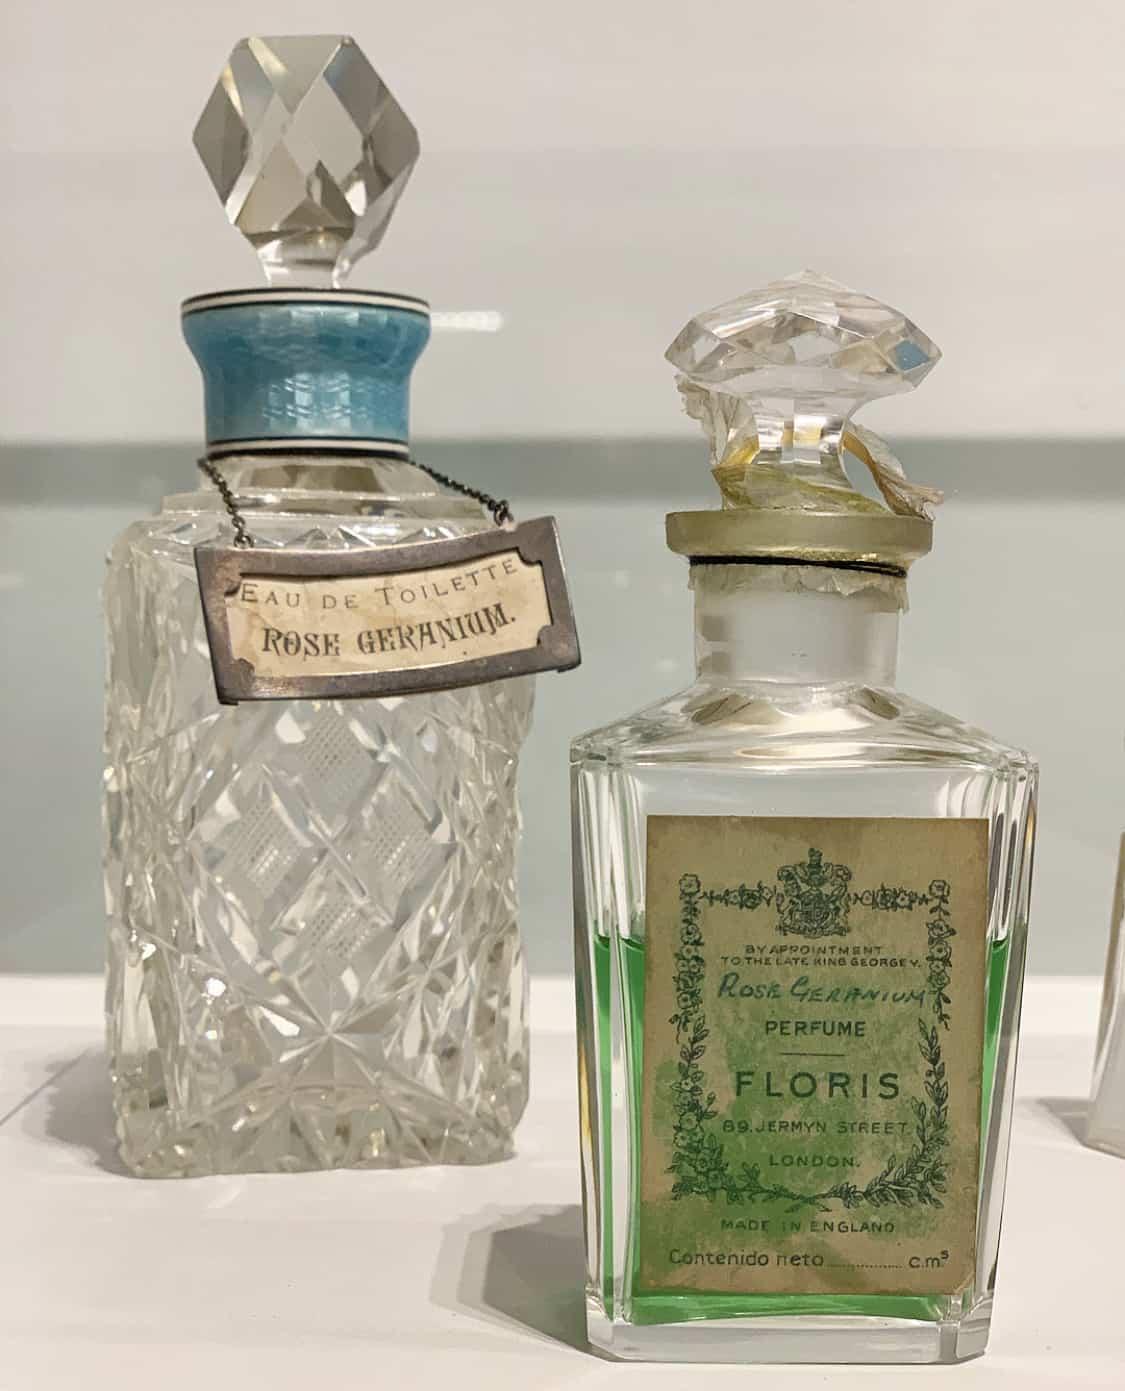 antique bottles, Floris perfumes, Jermyn Street, St. James's, Unique Boutiques Tours, Fashion Tours London